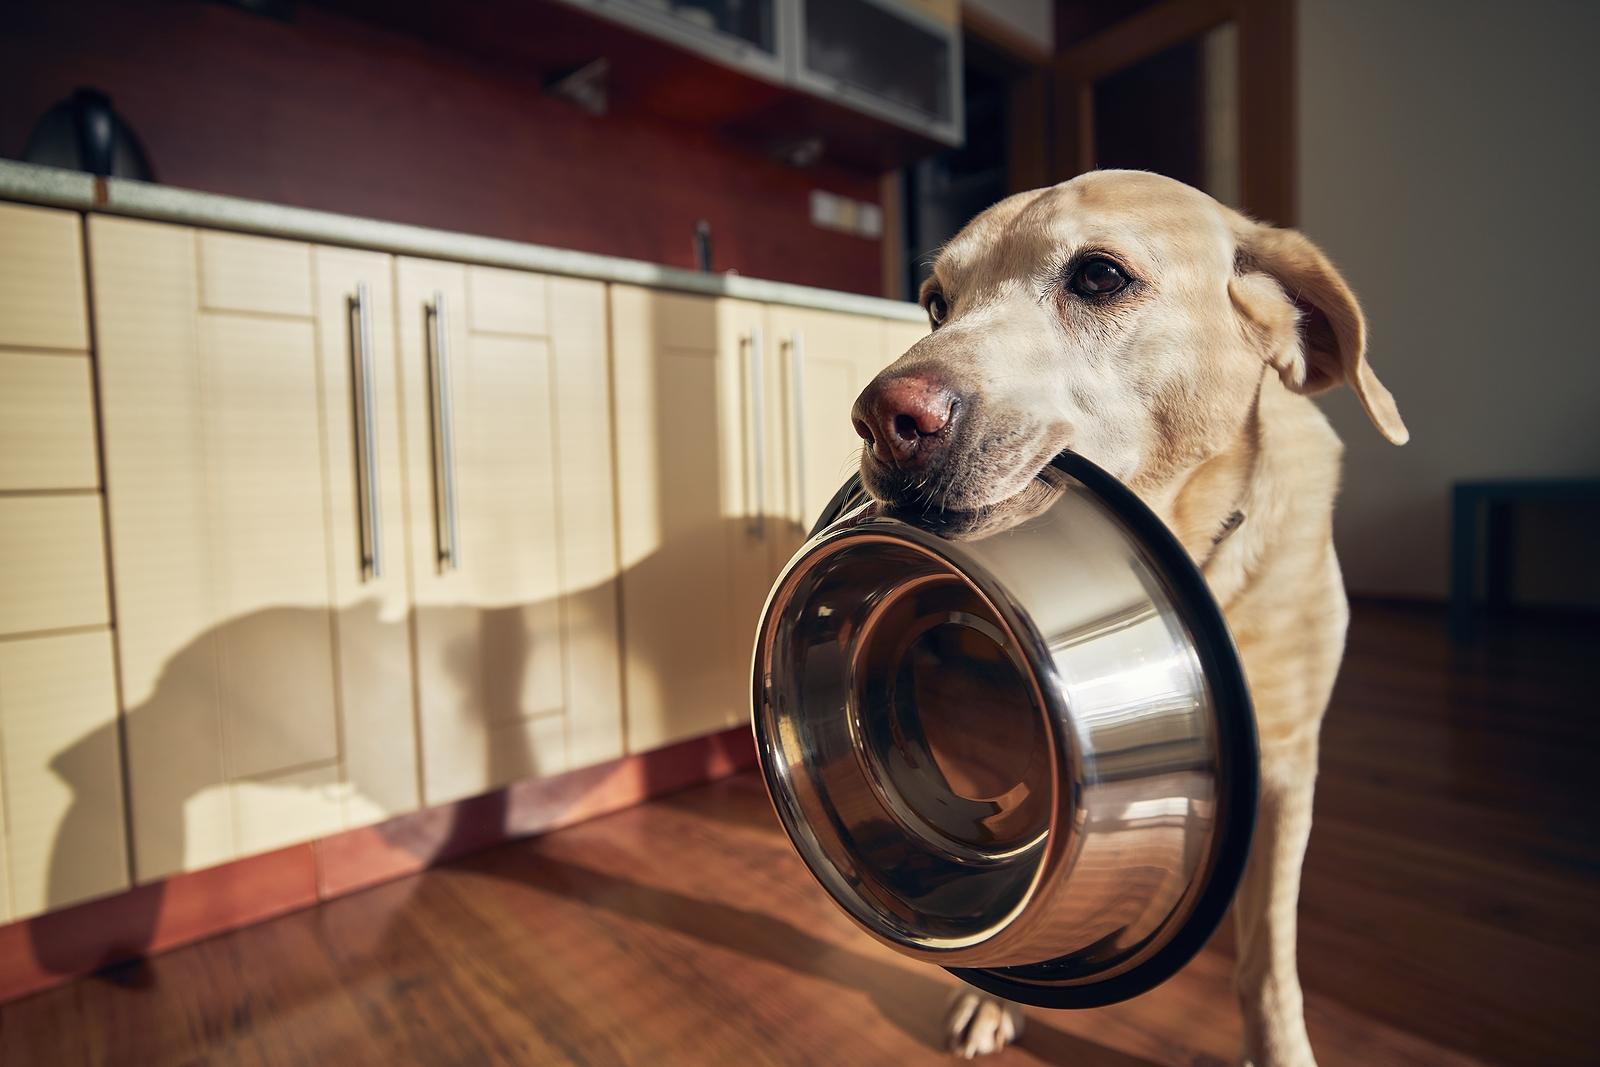 Milyen gyakran és mennyit ételt kapjon a kutya?